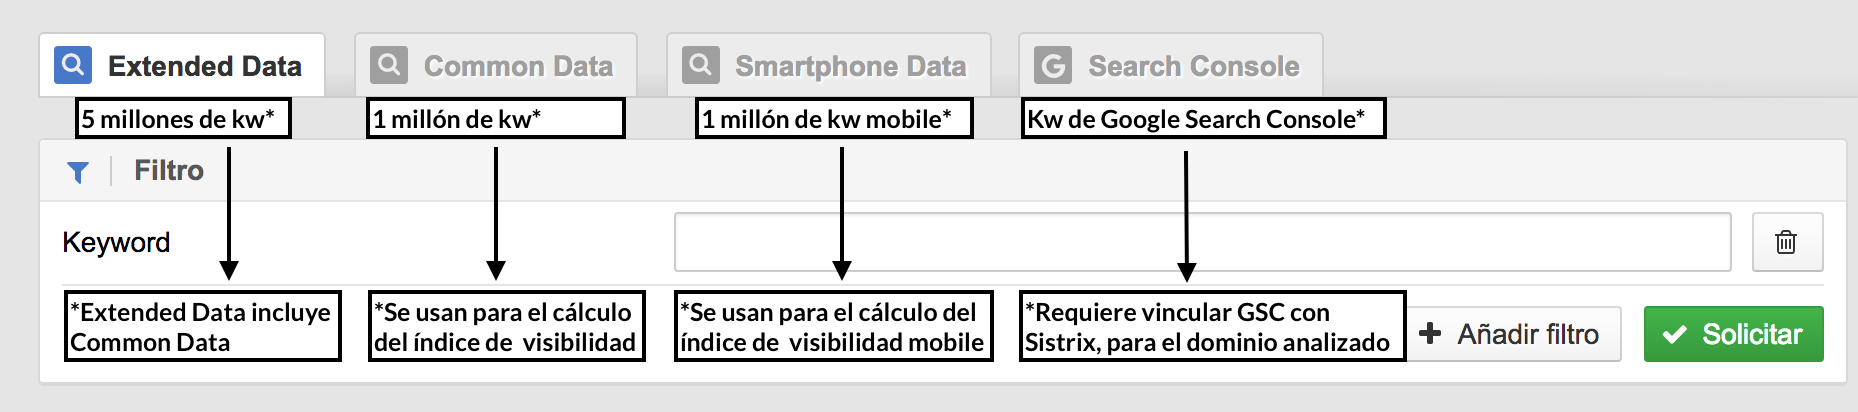 Bases de datos keywords Sistrix